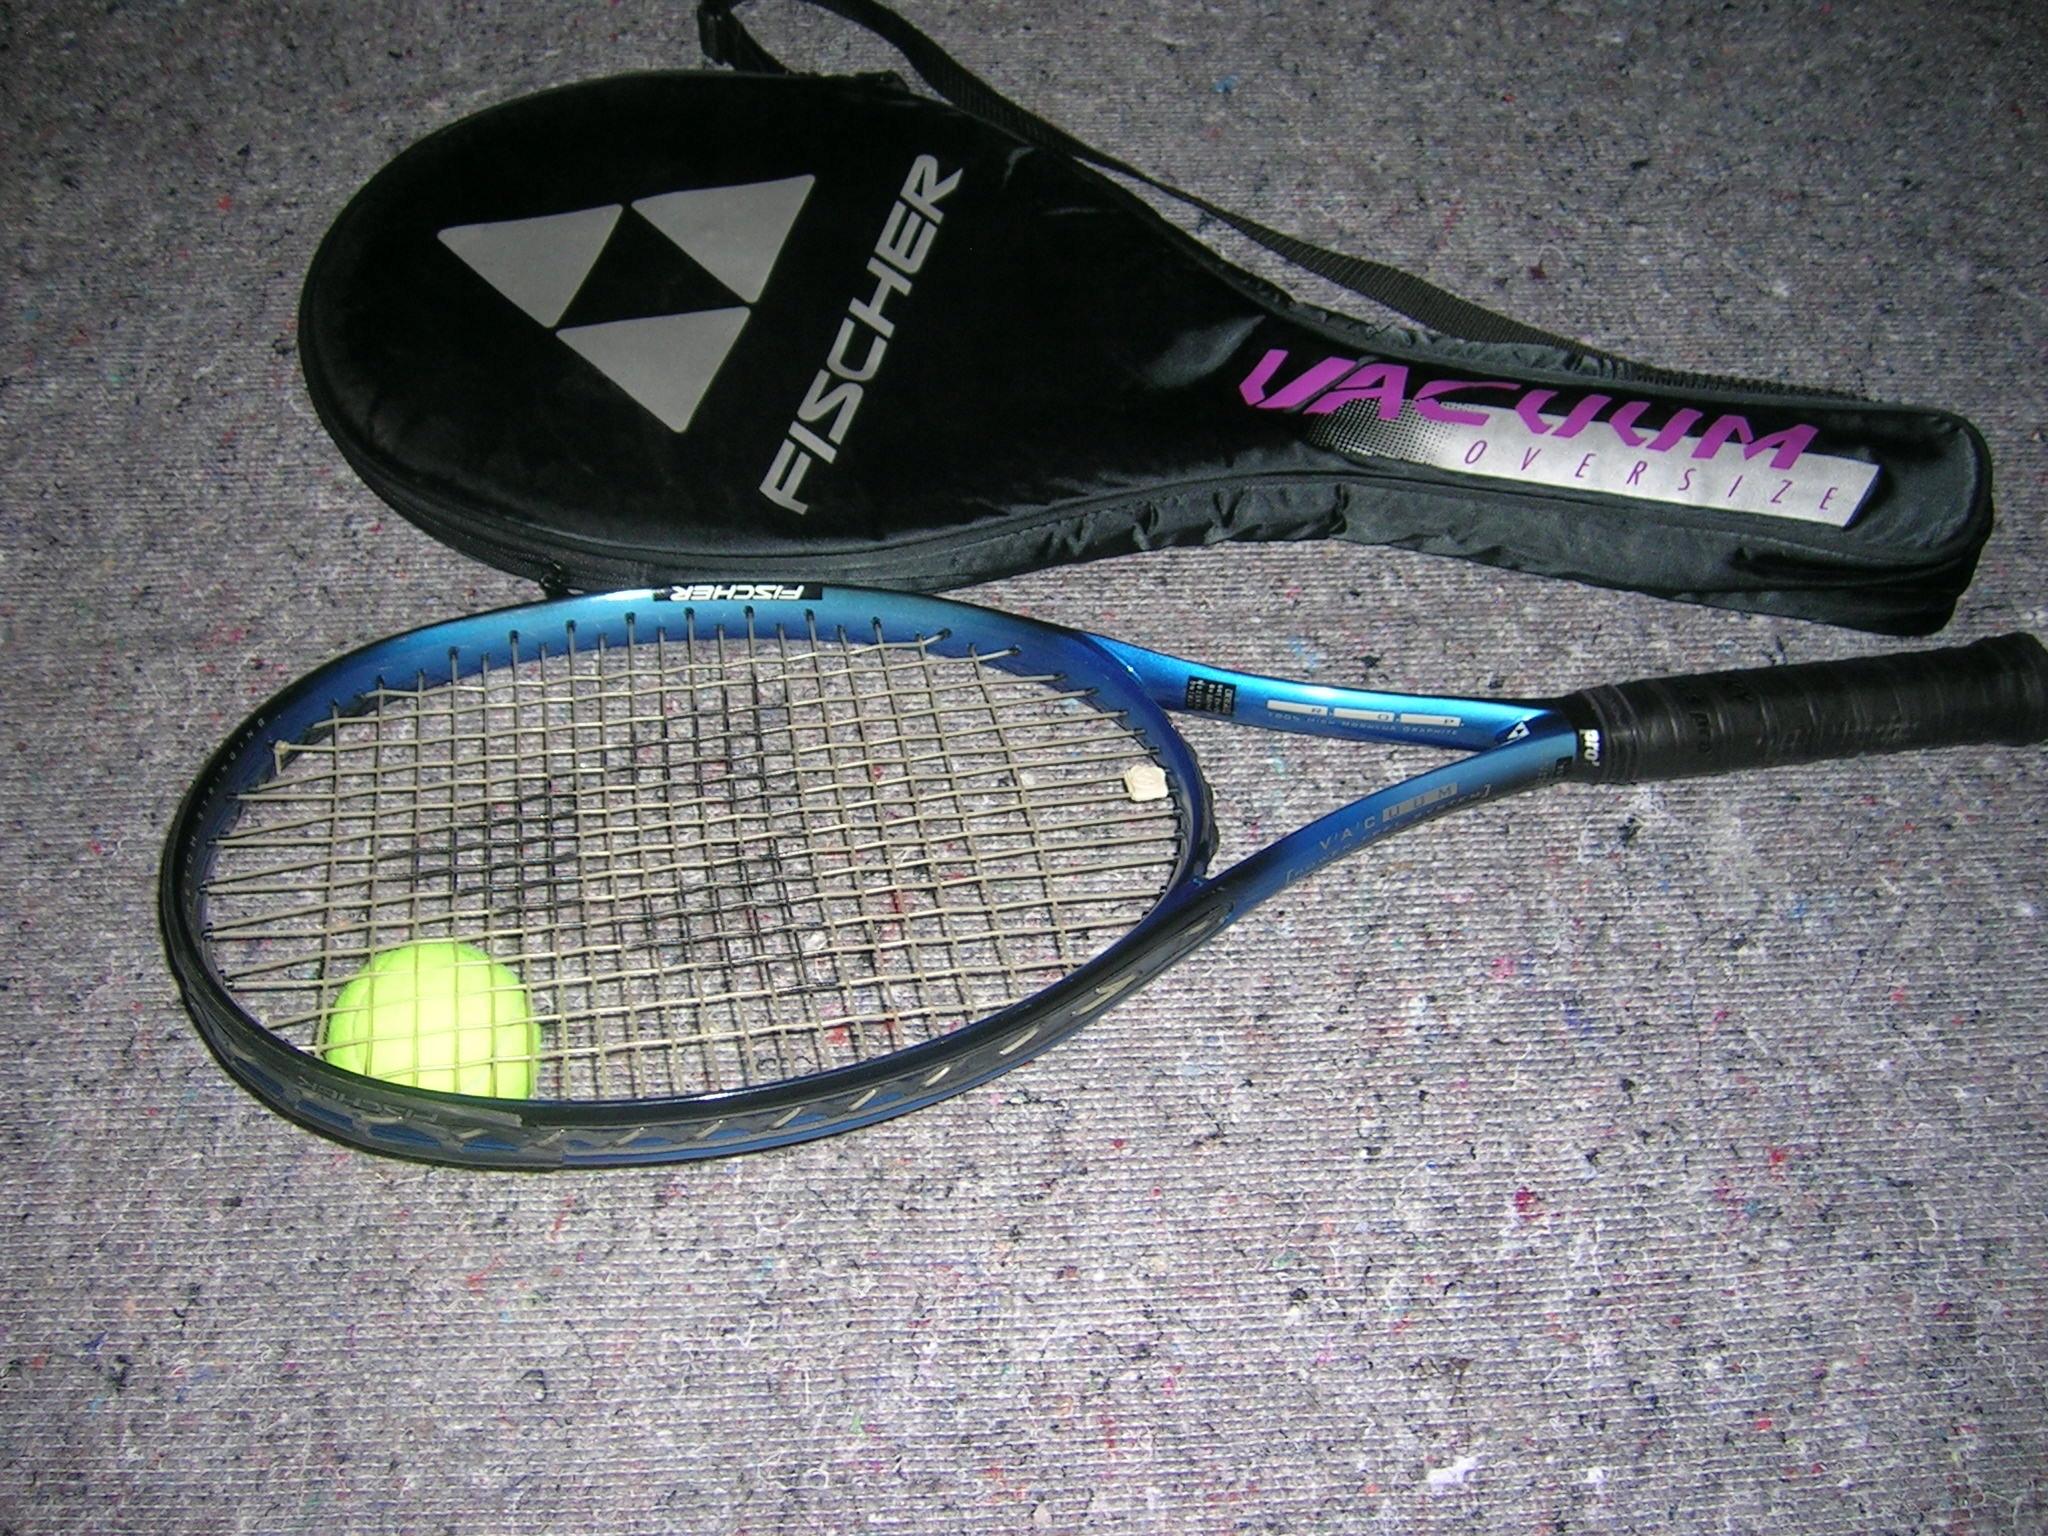 Rakieta tenisowa FISCHER VACUUM IMPACT